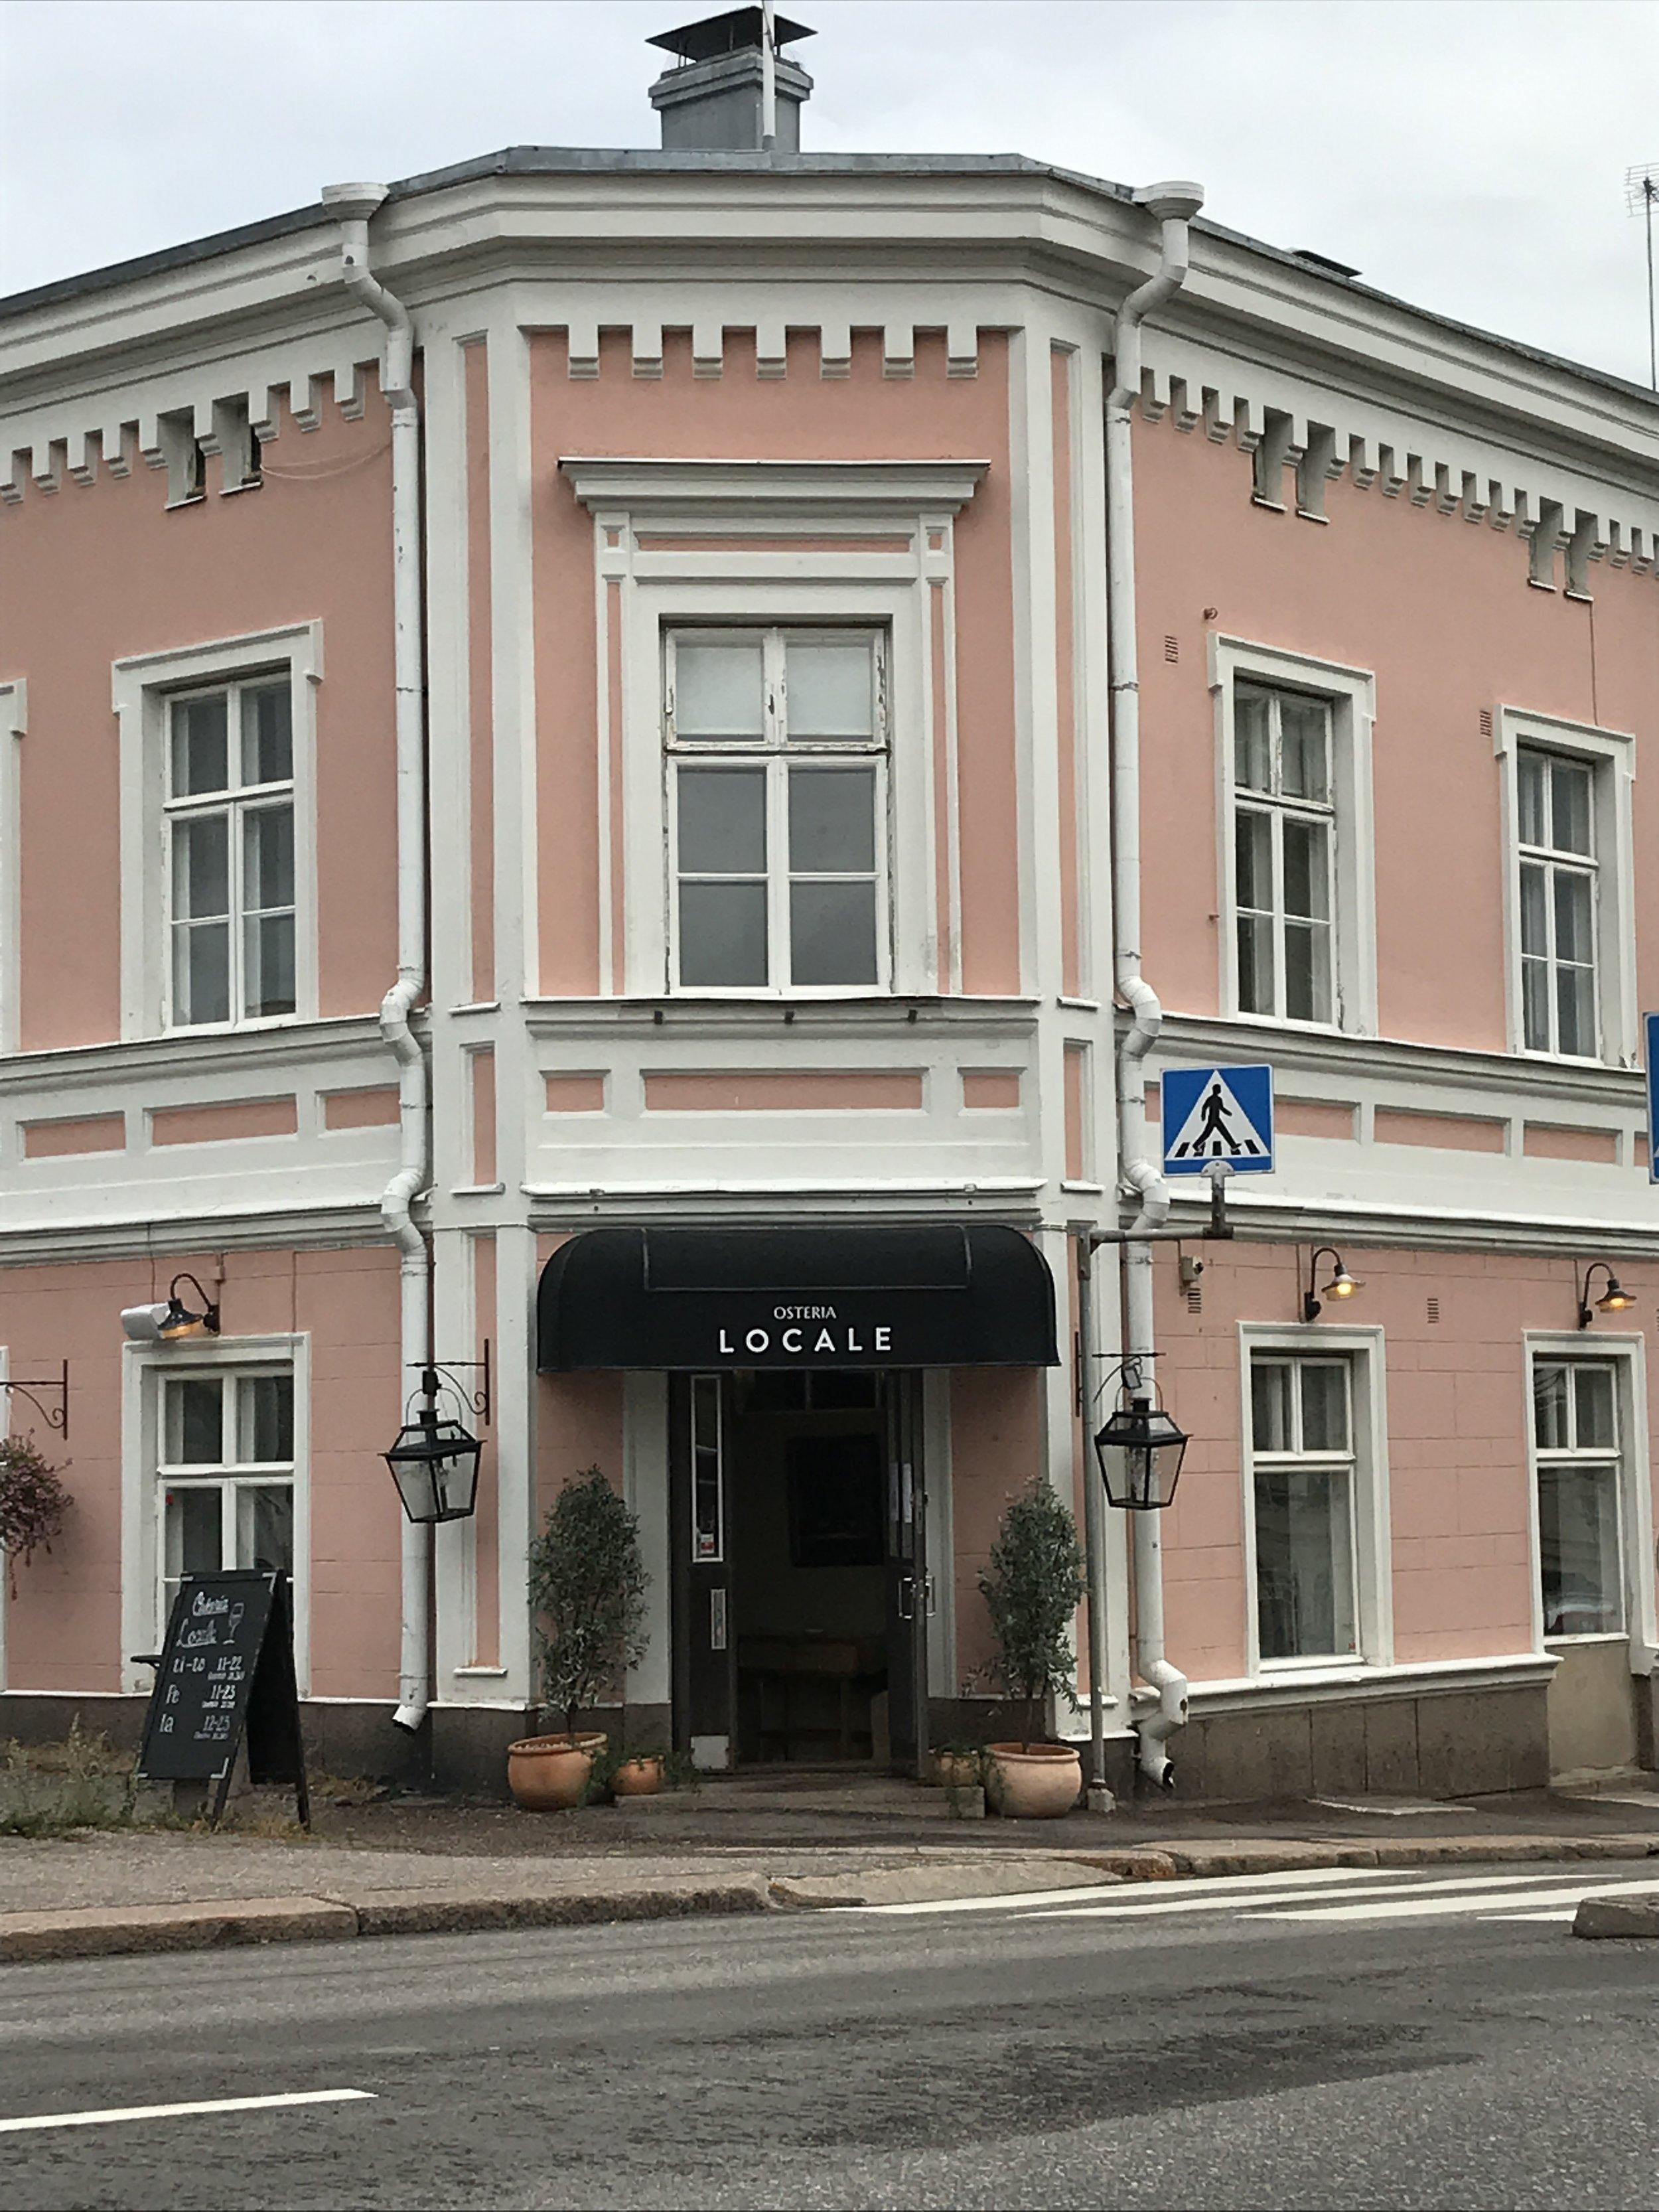 Ravintola Localen - kellarissa (käynti sisäpihan puolelta) Tapas Baari, pihassa kahvio sekä ravintolassa erikoismenu.Tervetuloa!